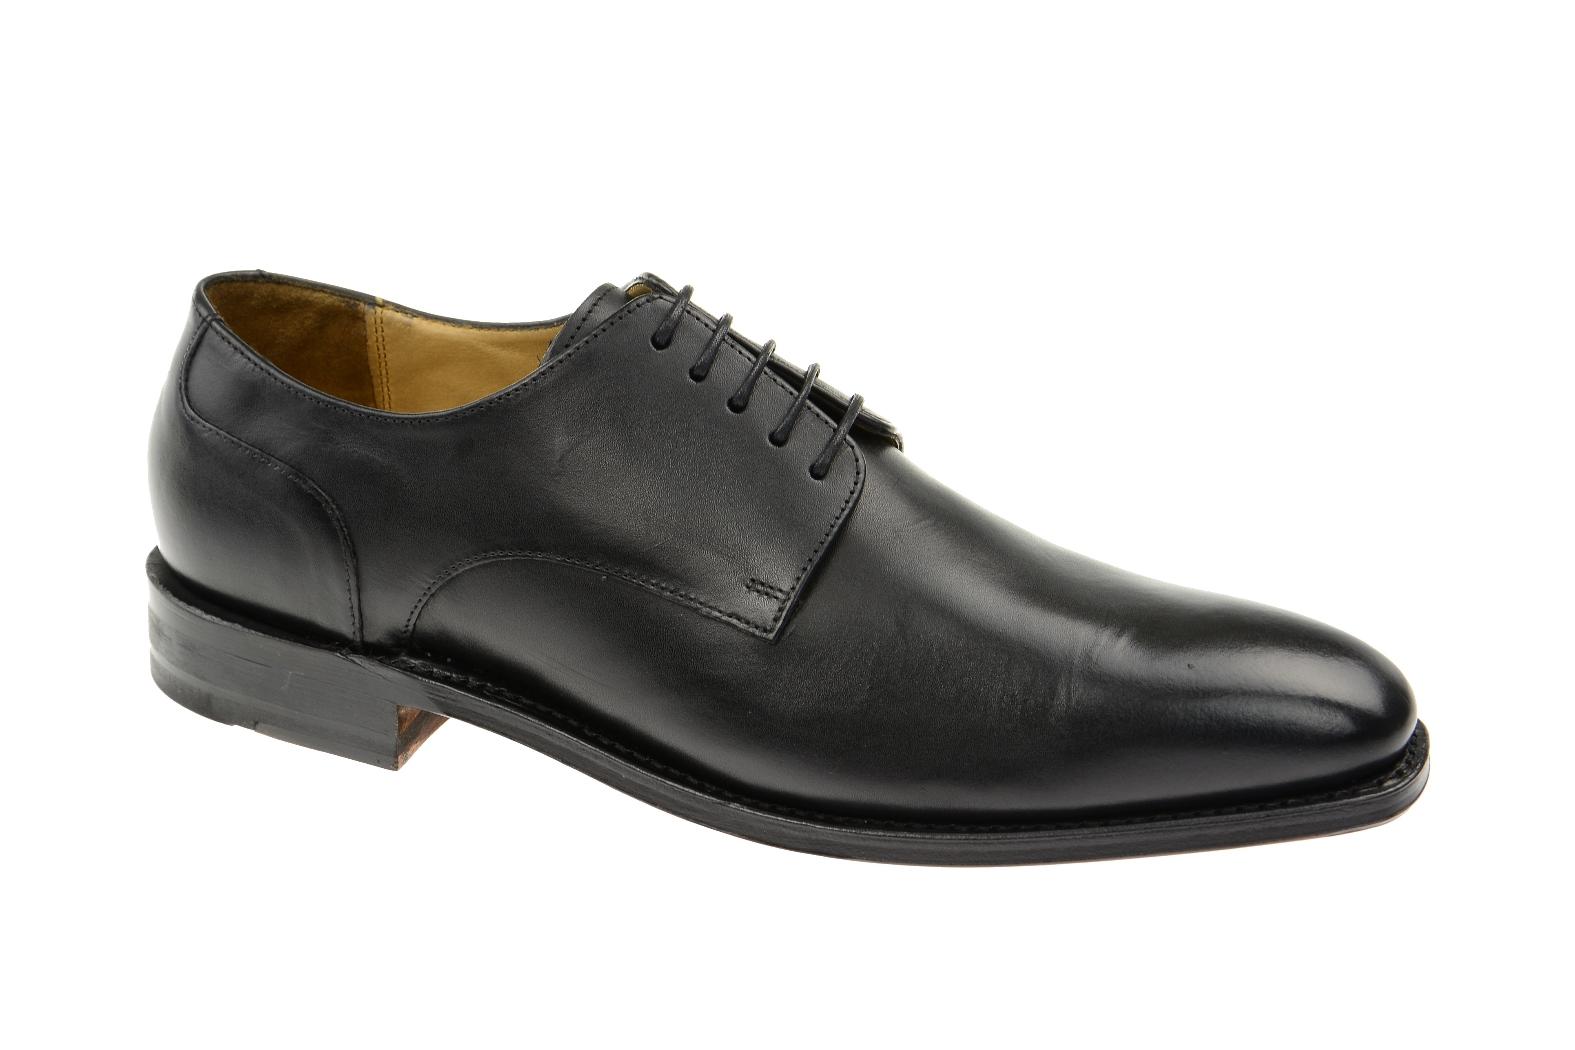 Gordon & Bros. Gordon & Bros Milan rahmengenähte Schuhe schwarz 4374 :: Schwarz - 40 - Männlich - Erwachsene